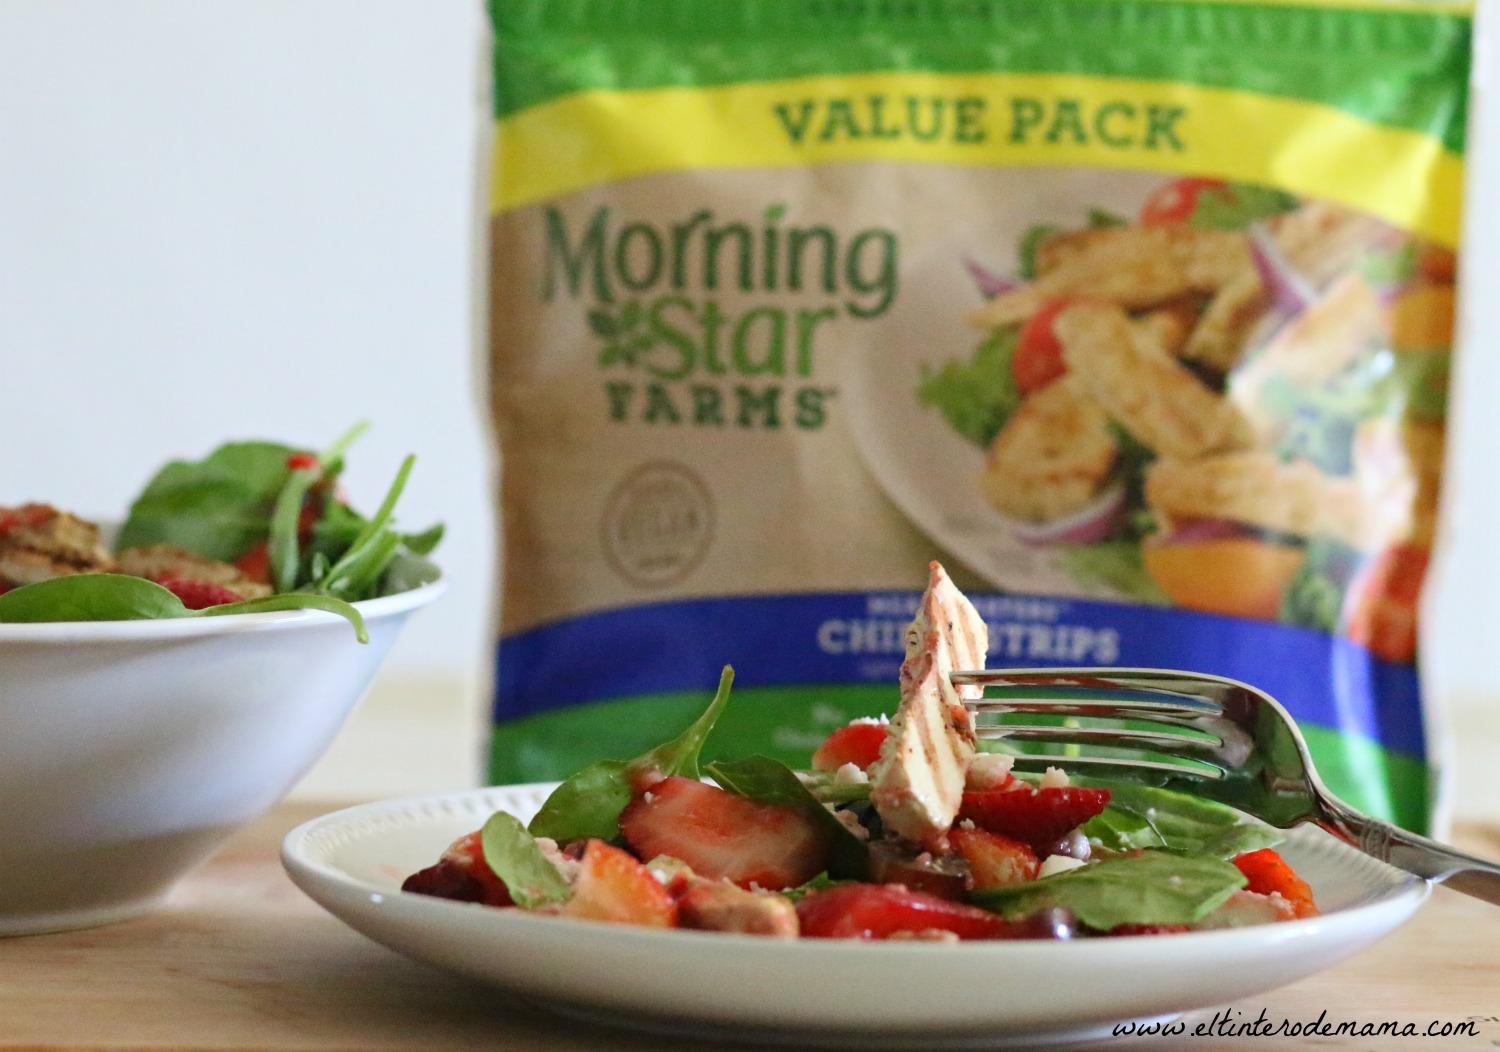 MorningStar-Farms-Lent-at-Walmart